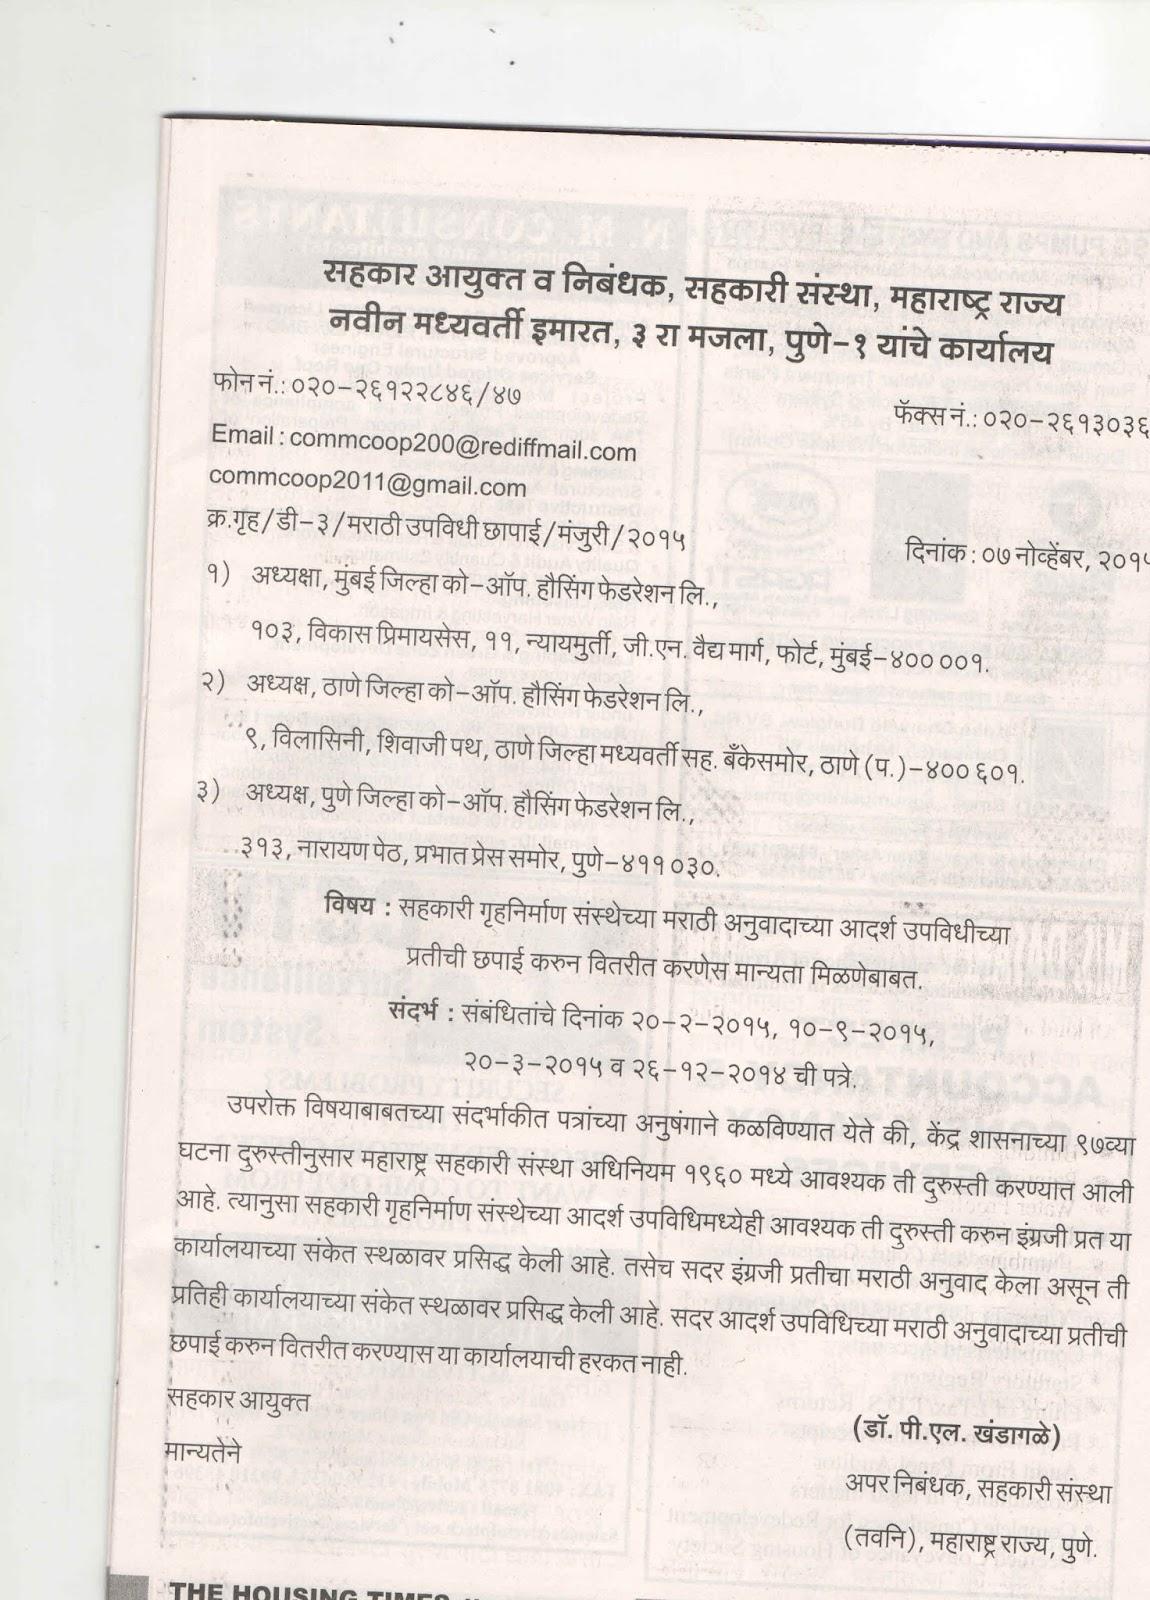 Housing Society Maharashtra Letter For Printing Bye